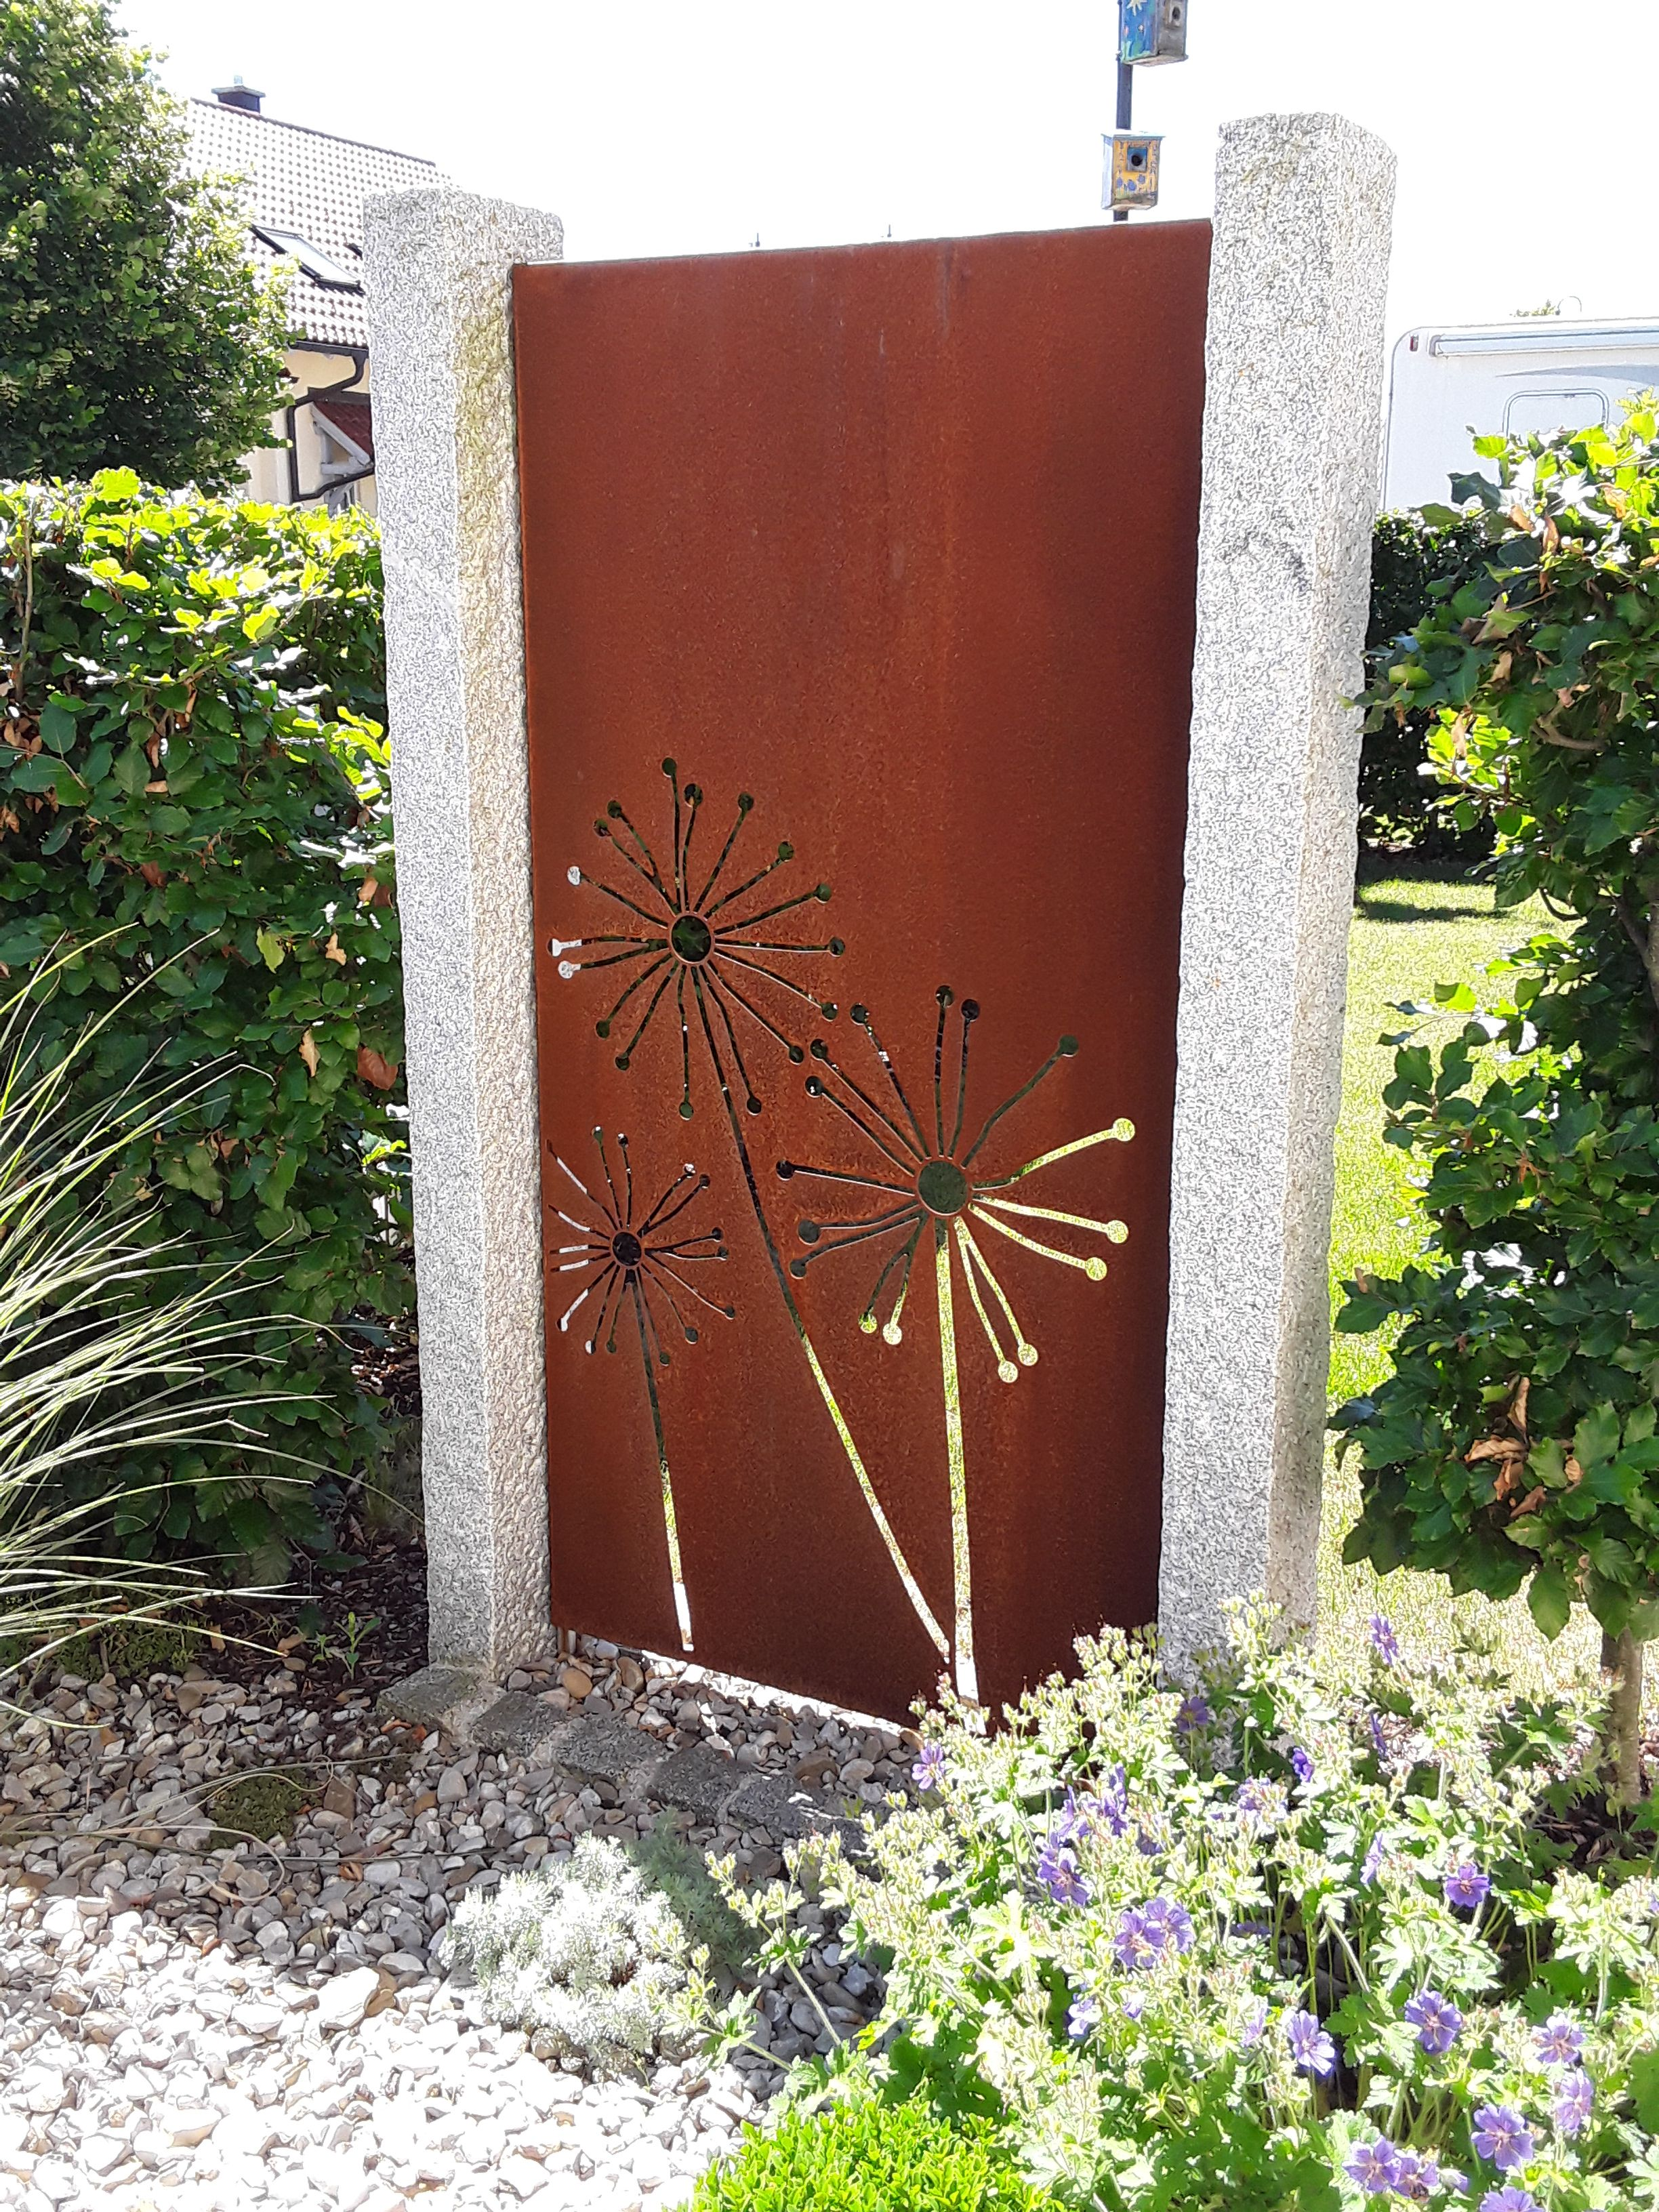 Sichtschutz für den Garten aus Corten Stahl, Rost & in Farbe | Paras #dekoeingangsbereichaussen